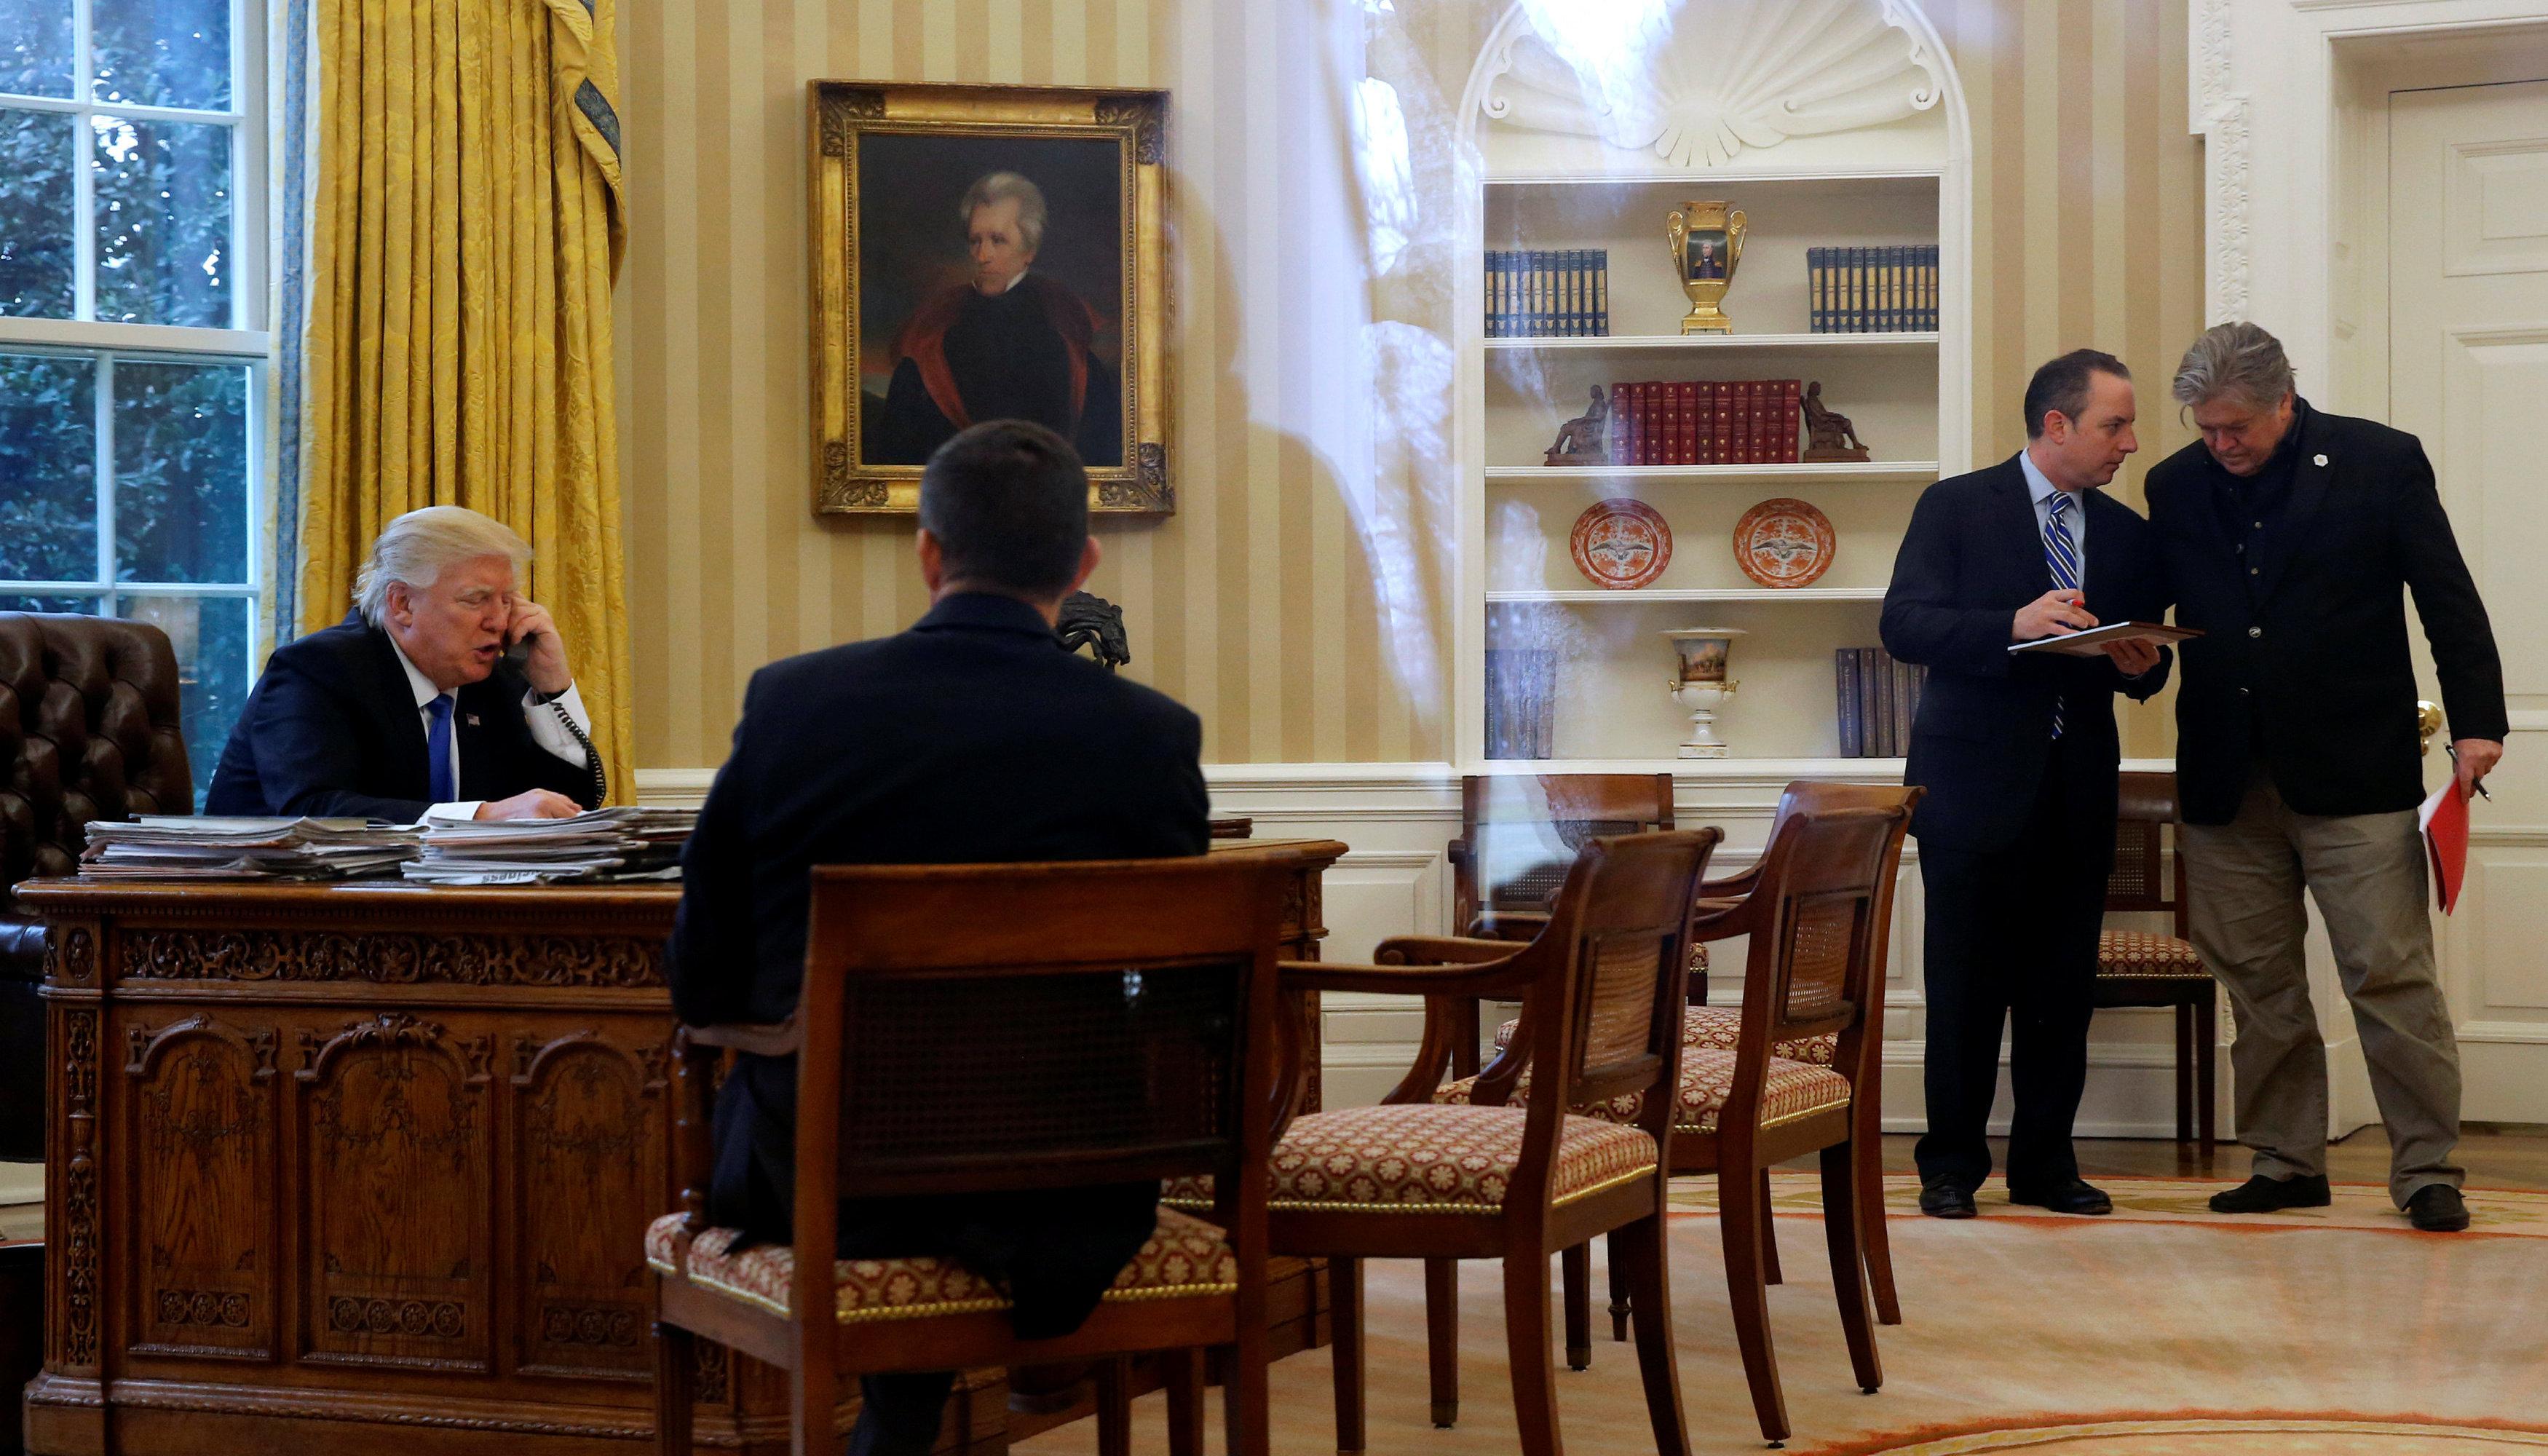 El despacho oval durante el diálogo telefónico con Angela Merkel. El único atento a la conversación es Michael Flynn, director del Consejo de Seguridad Nacional. Los demás parecen tener algo más importante que discutir, sugiere Schutz.